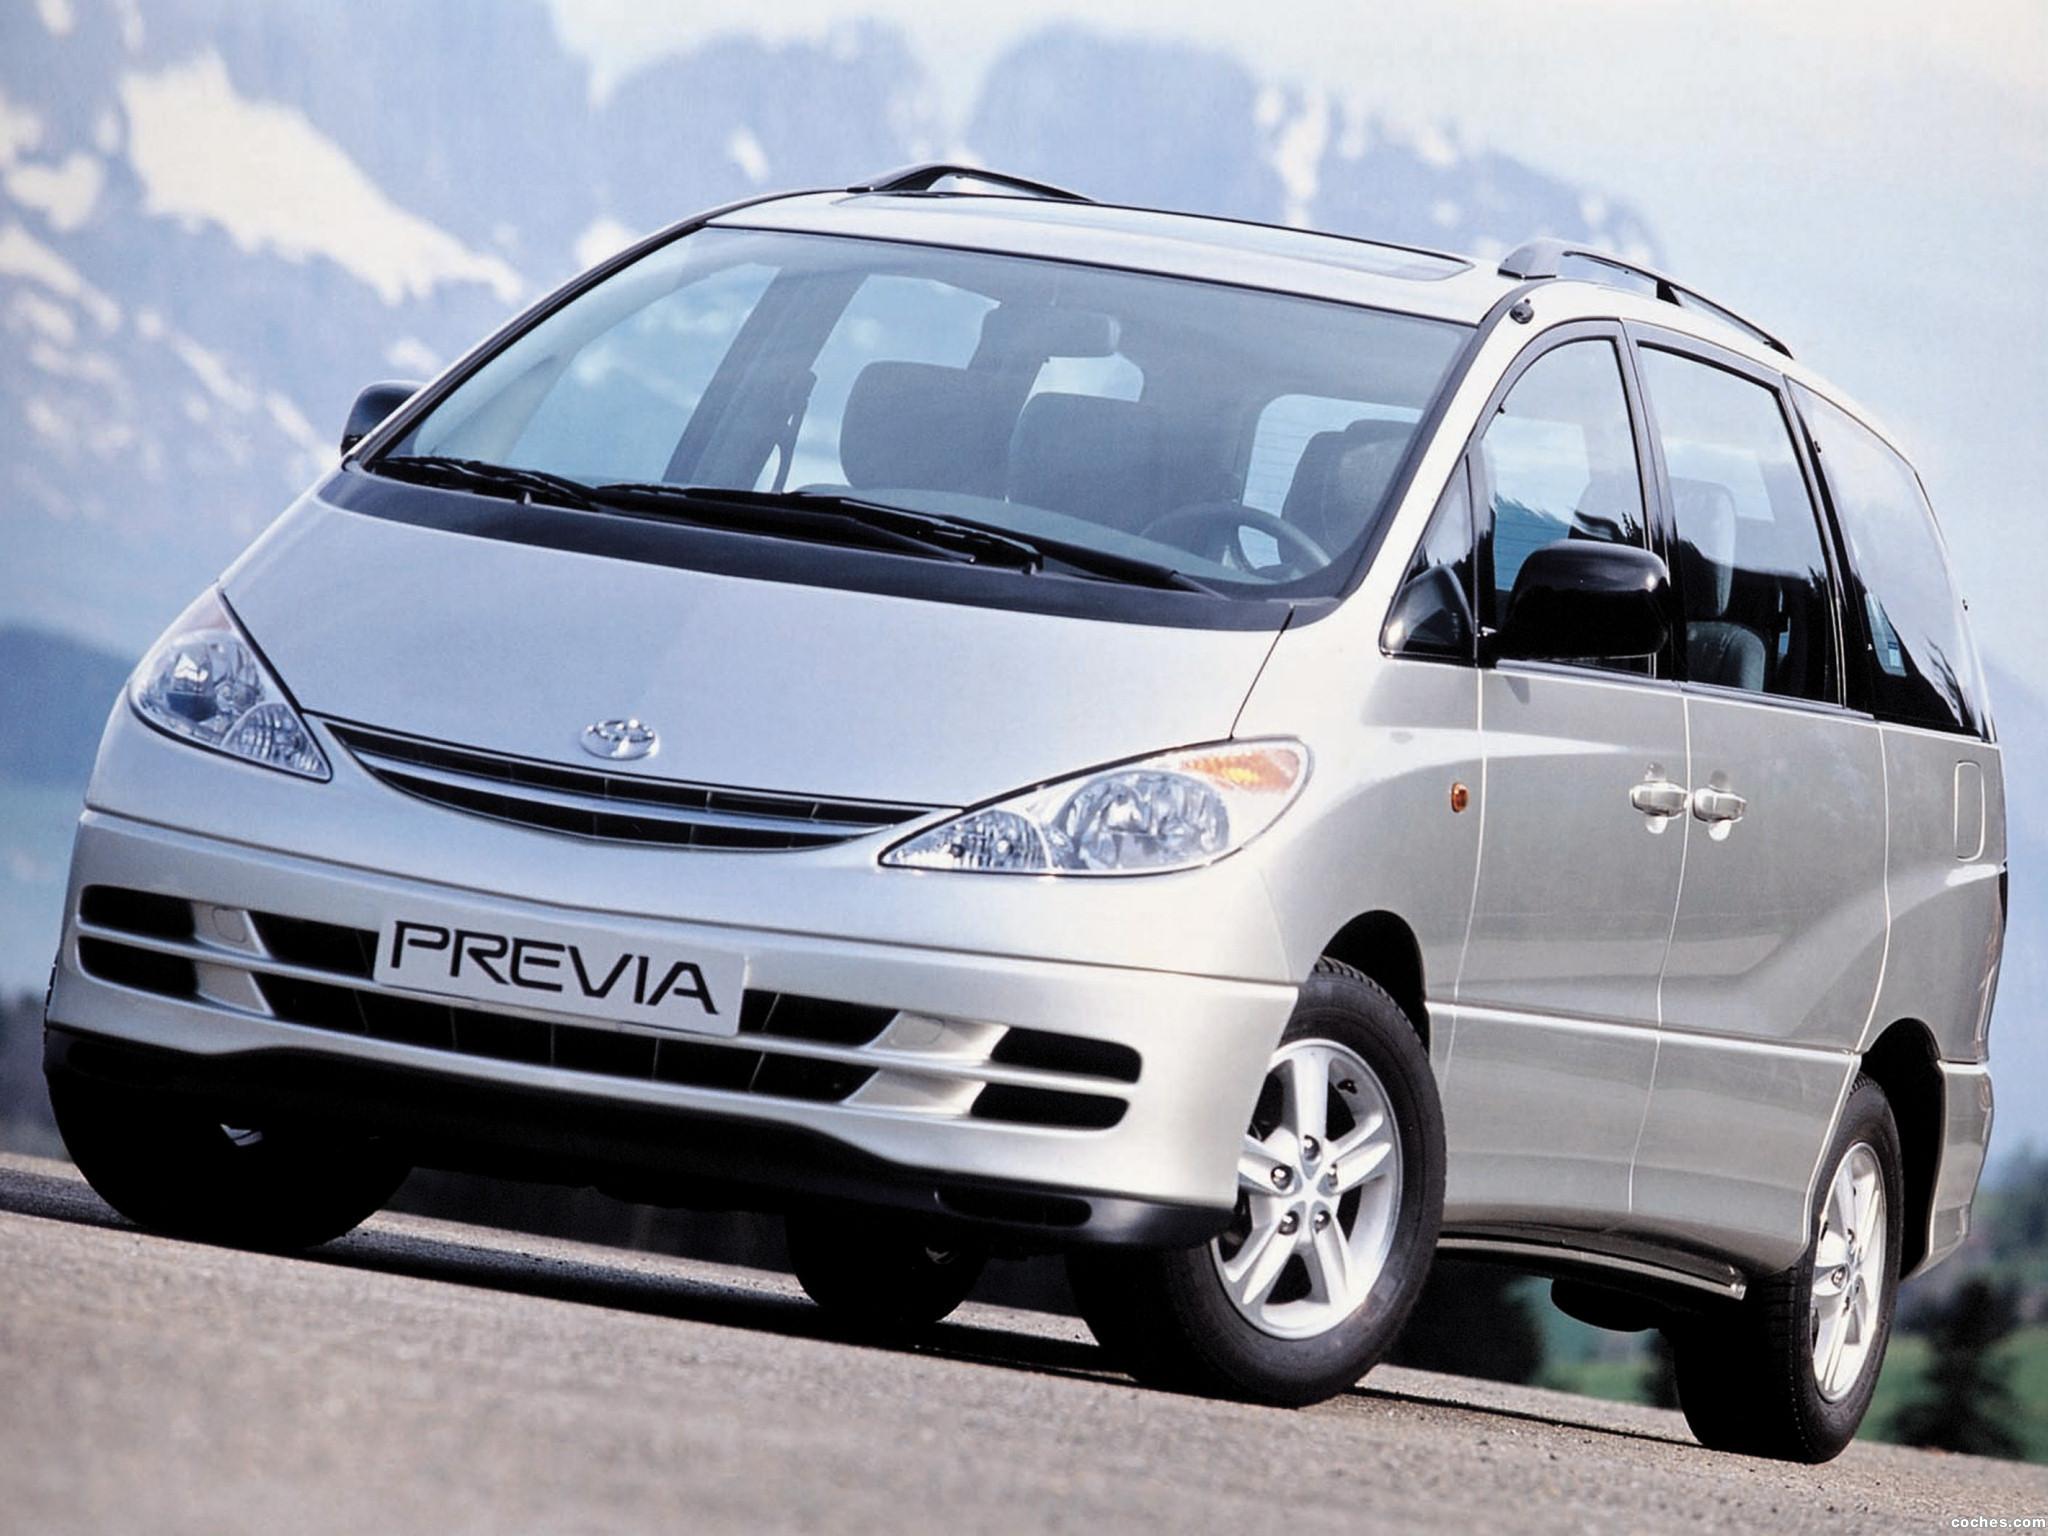 Foto 0 de Toyota Previa 2000